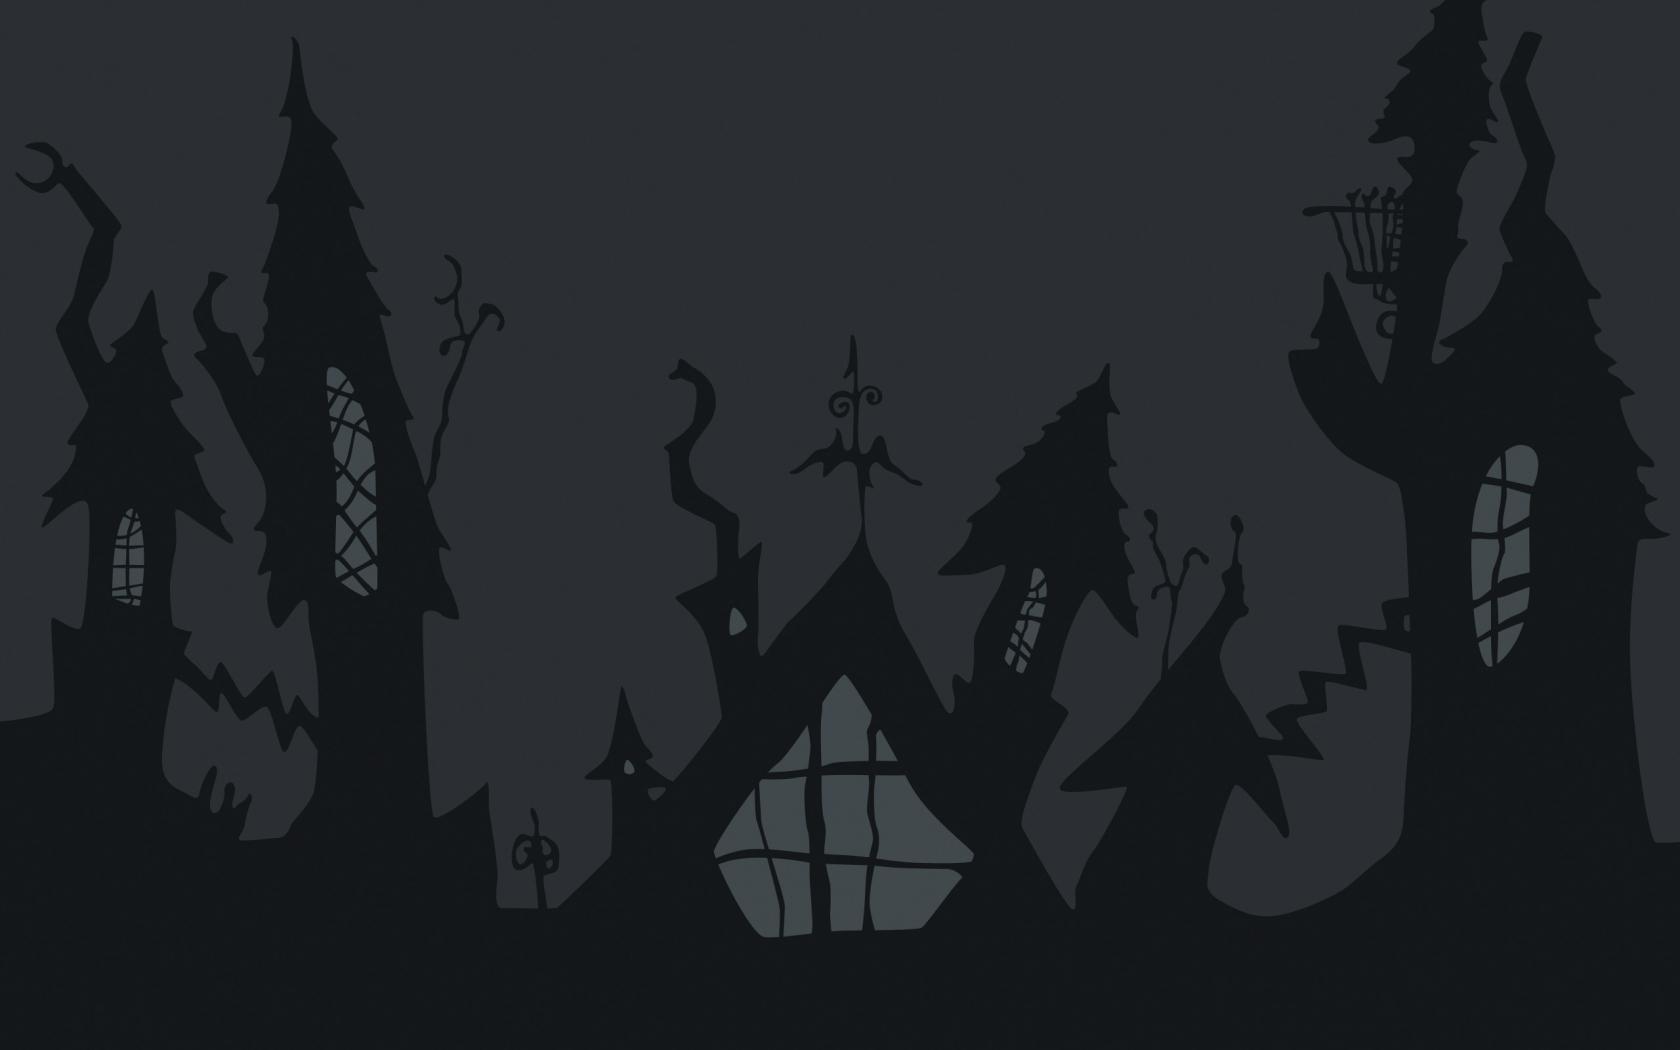 Castillo de noche de brujas - 1680x1050